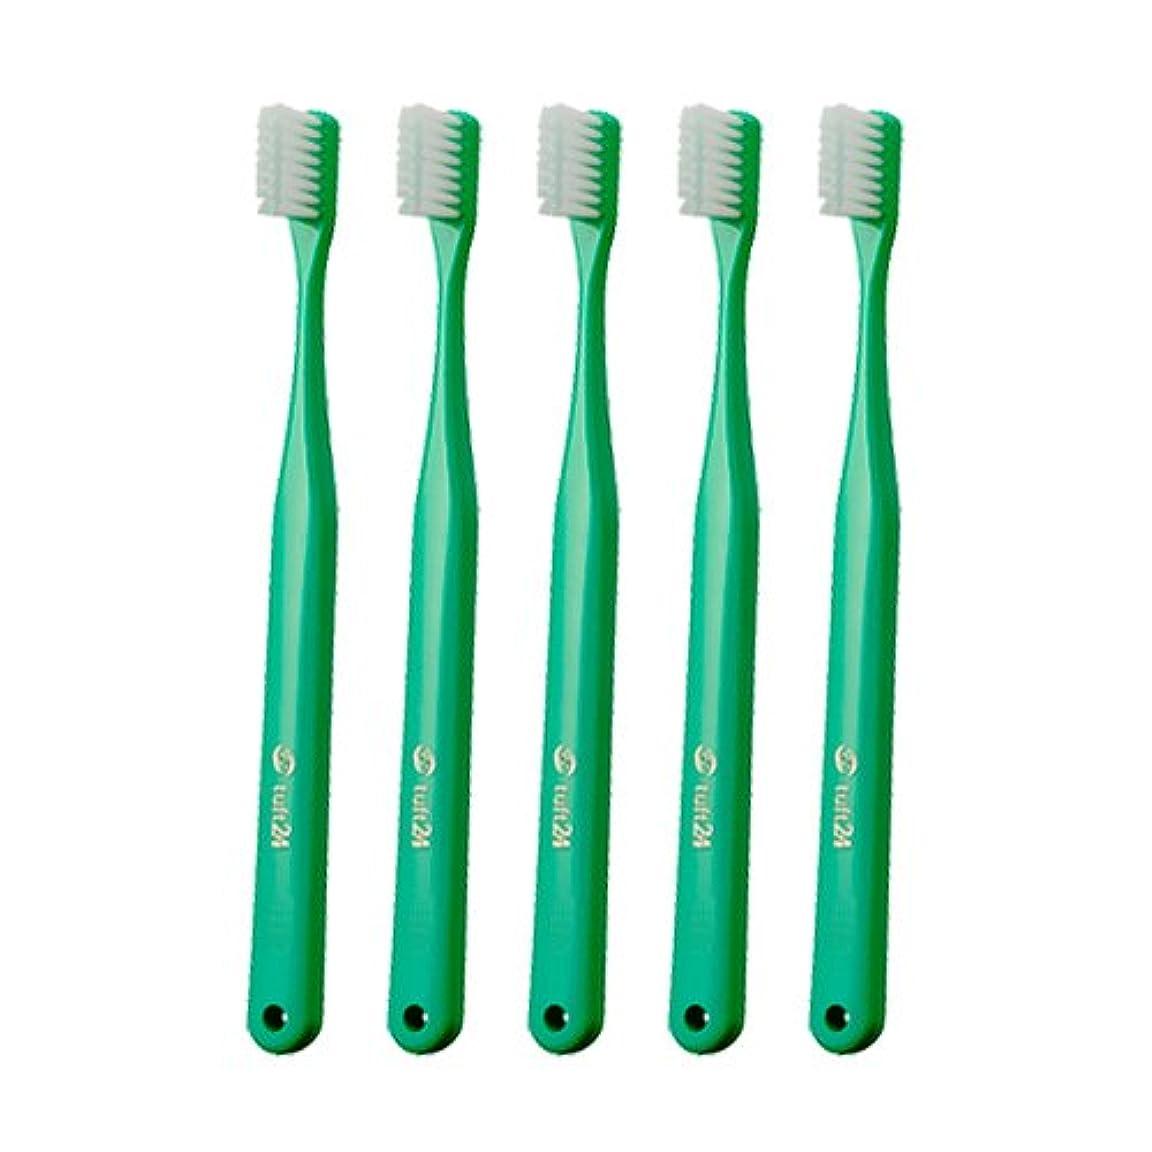 直立ロータリー罪悪感キャップなし タフト24 歯ブラシ × 25本入 M グリーン